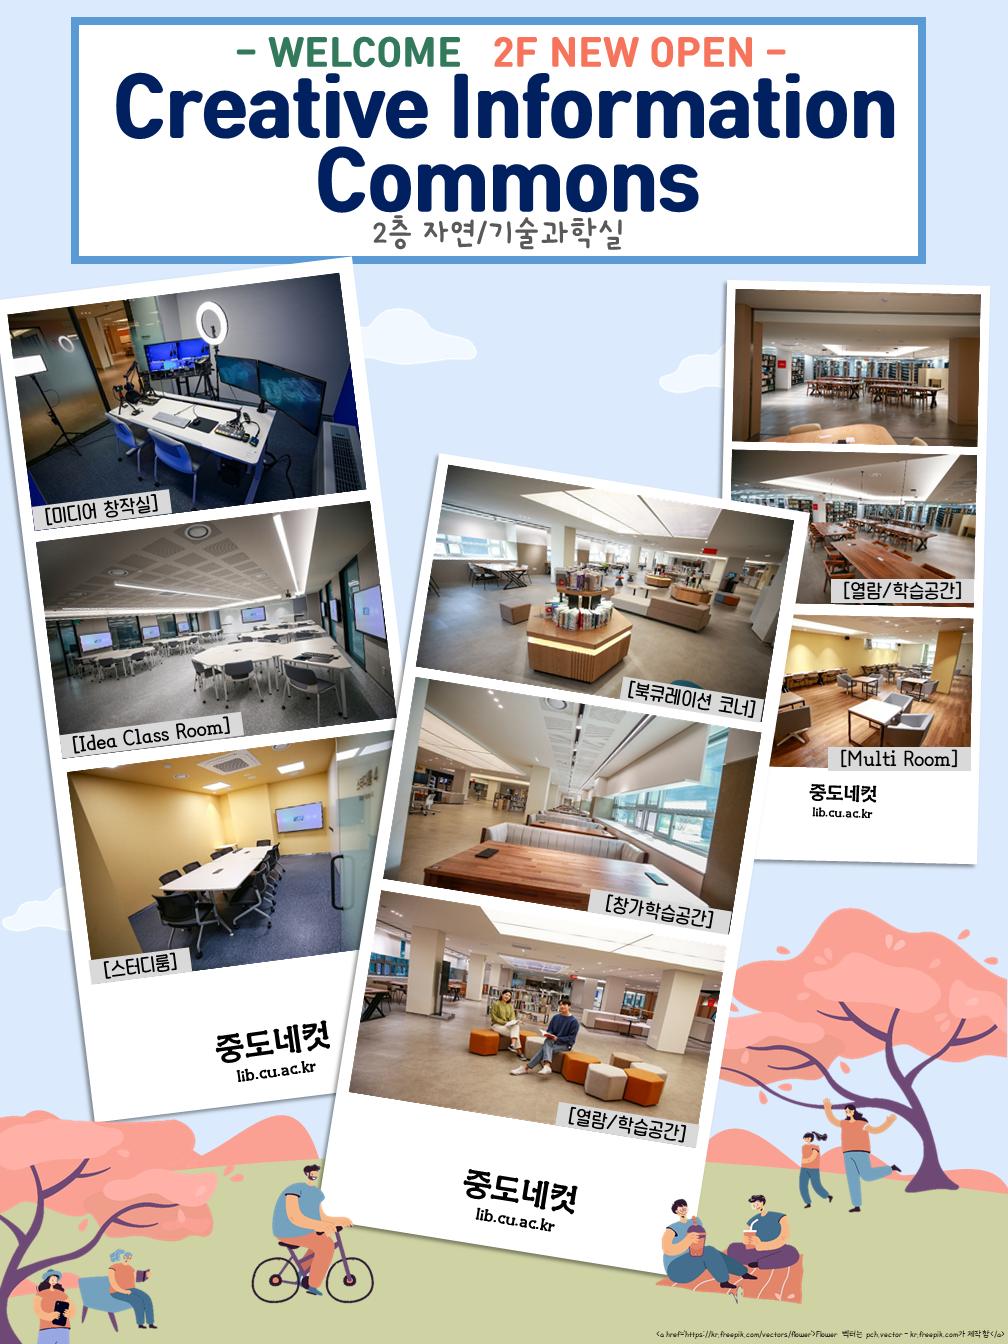 -welcome 2f new open- Creative Information Commons 2층 자연/기술과학실  미디어 창작실            북큐레이션코너 Idea Class Room         창가학습공간            열람학습공간 스터디룸                   열람/학습공간           Multi Room